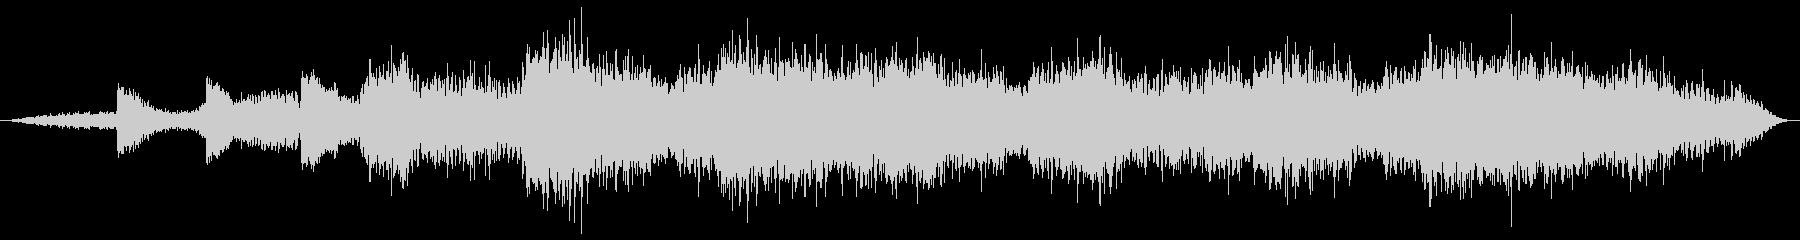 戦場イメージの効果音(タイプC)の未再生の波形